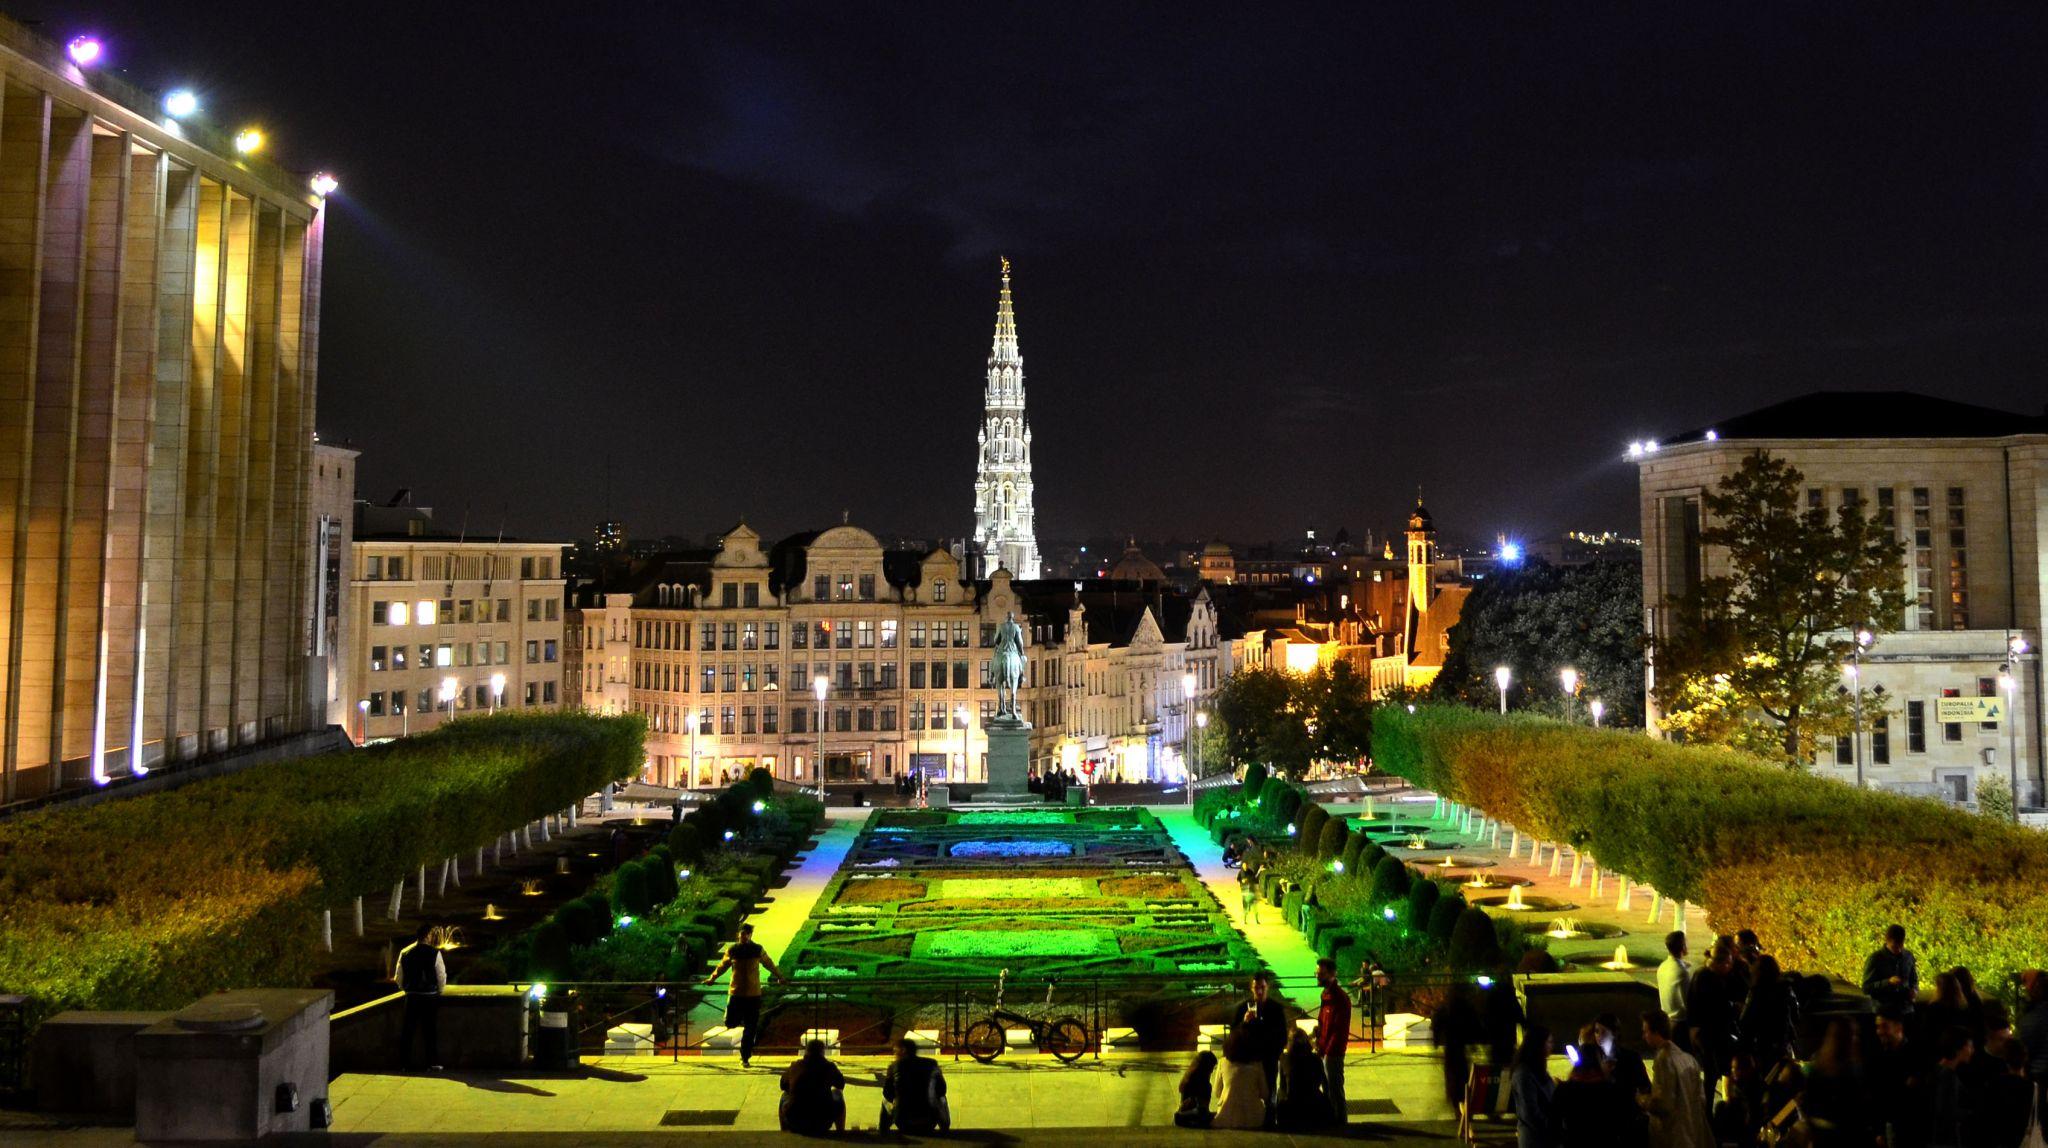 Monts des arts, Belgium